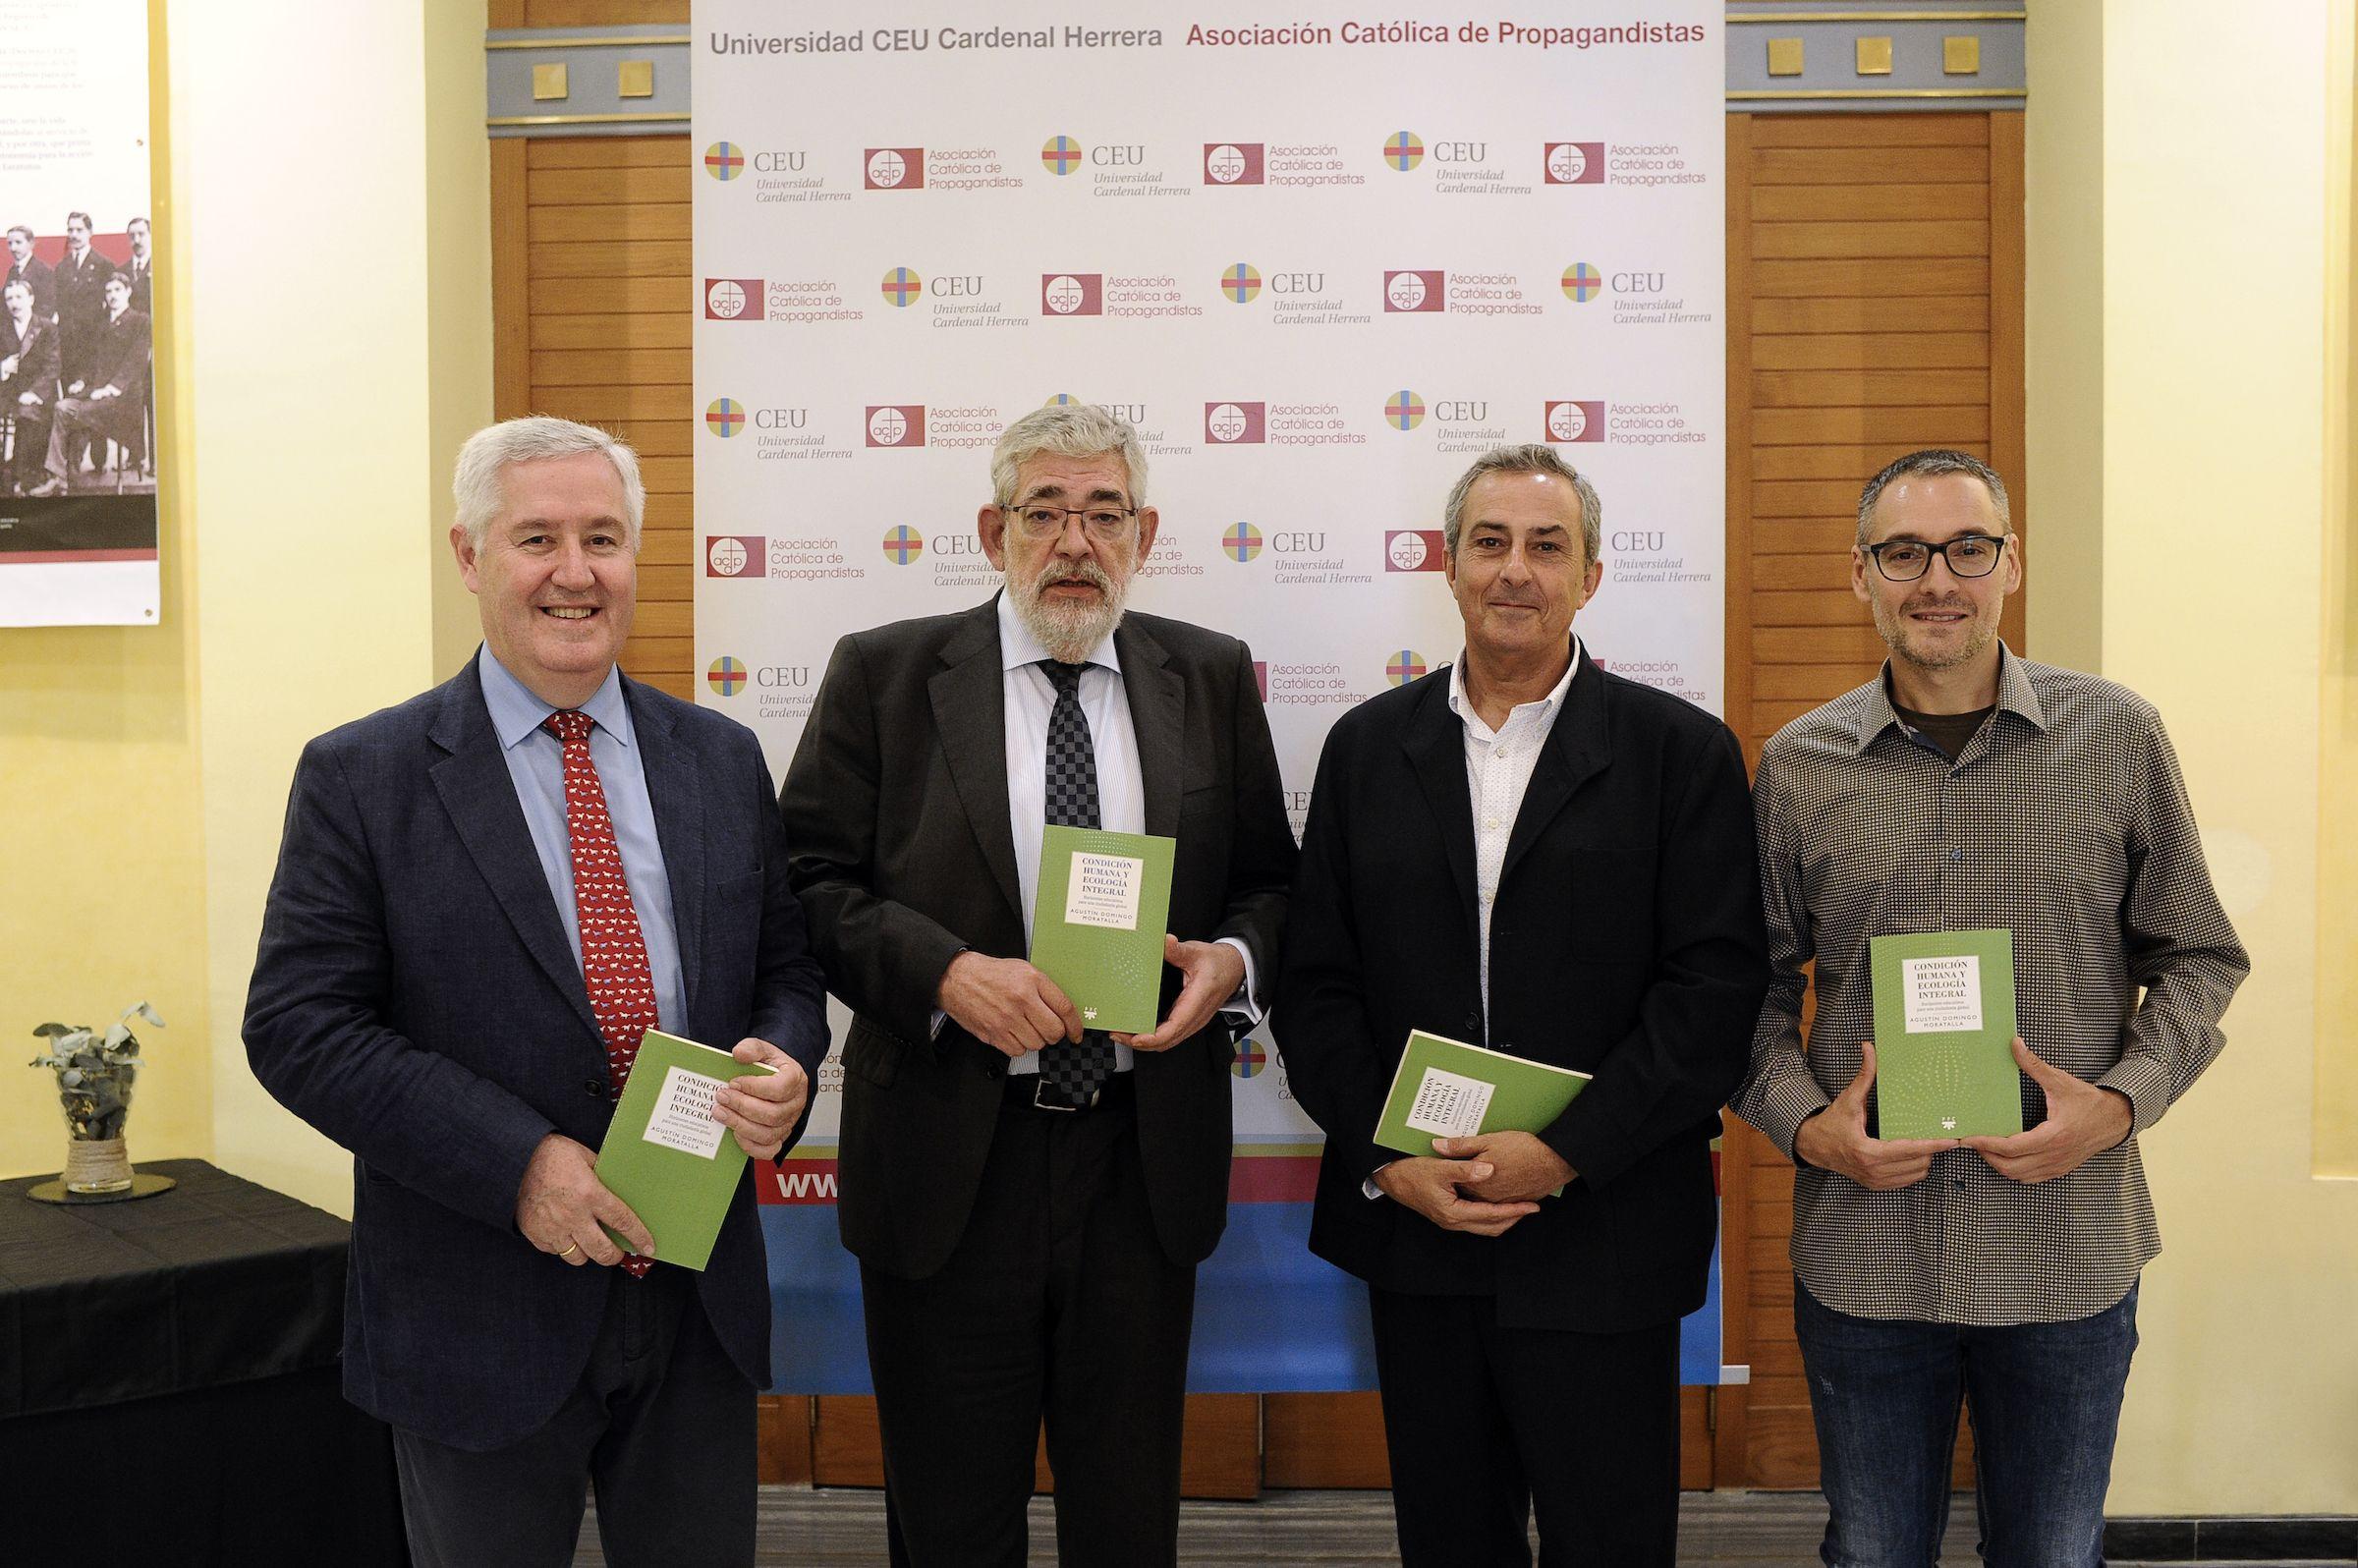 Pedro Miguel García, Vicente Navarro de Luján, Agustín Domingo y José Miguel Martínez, en la presentación del libro en el Palacio de Colomina-CEU.